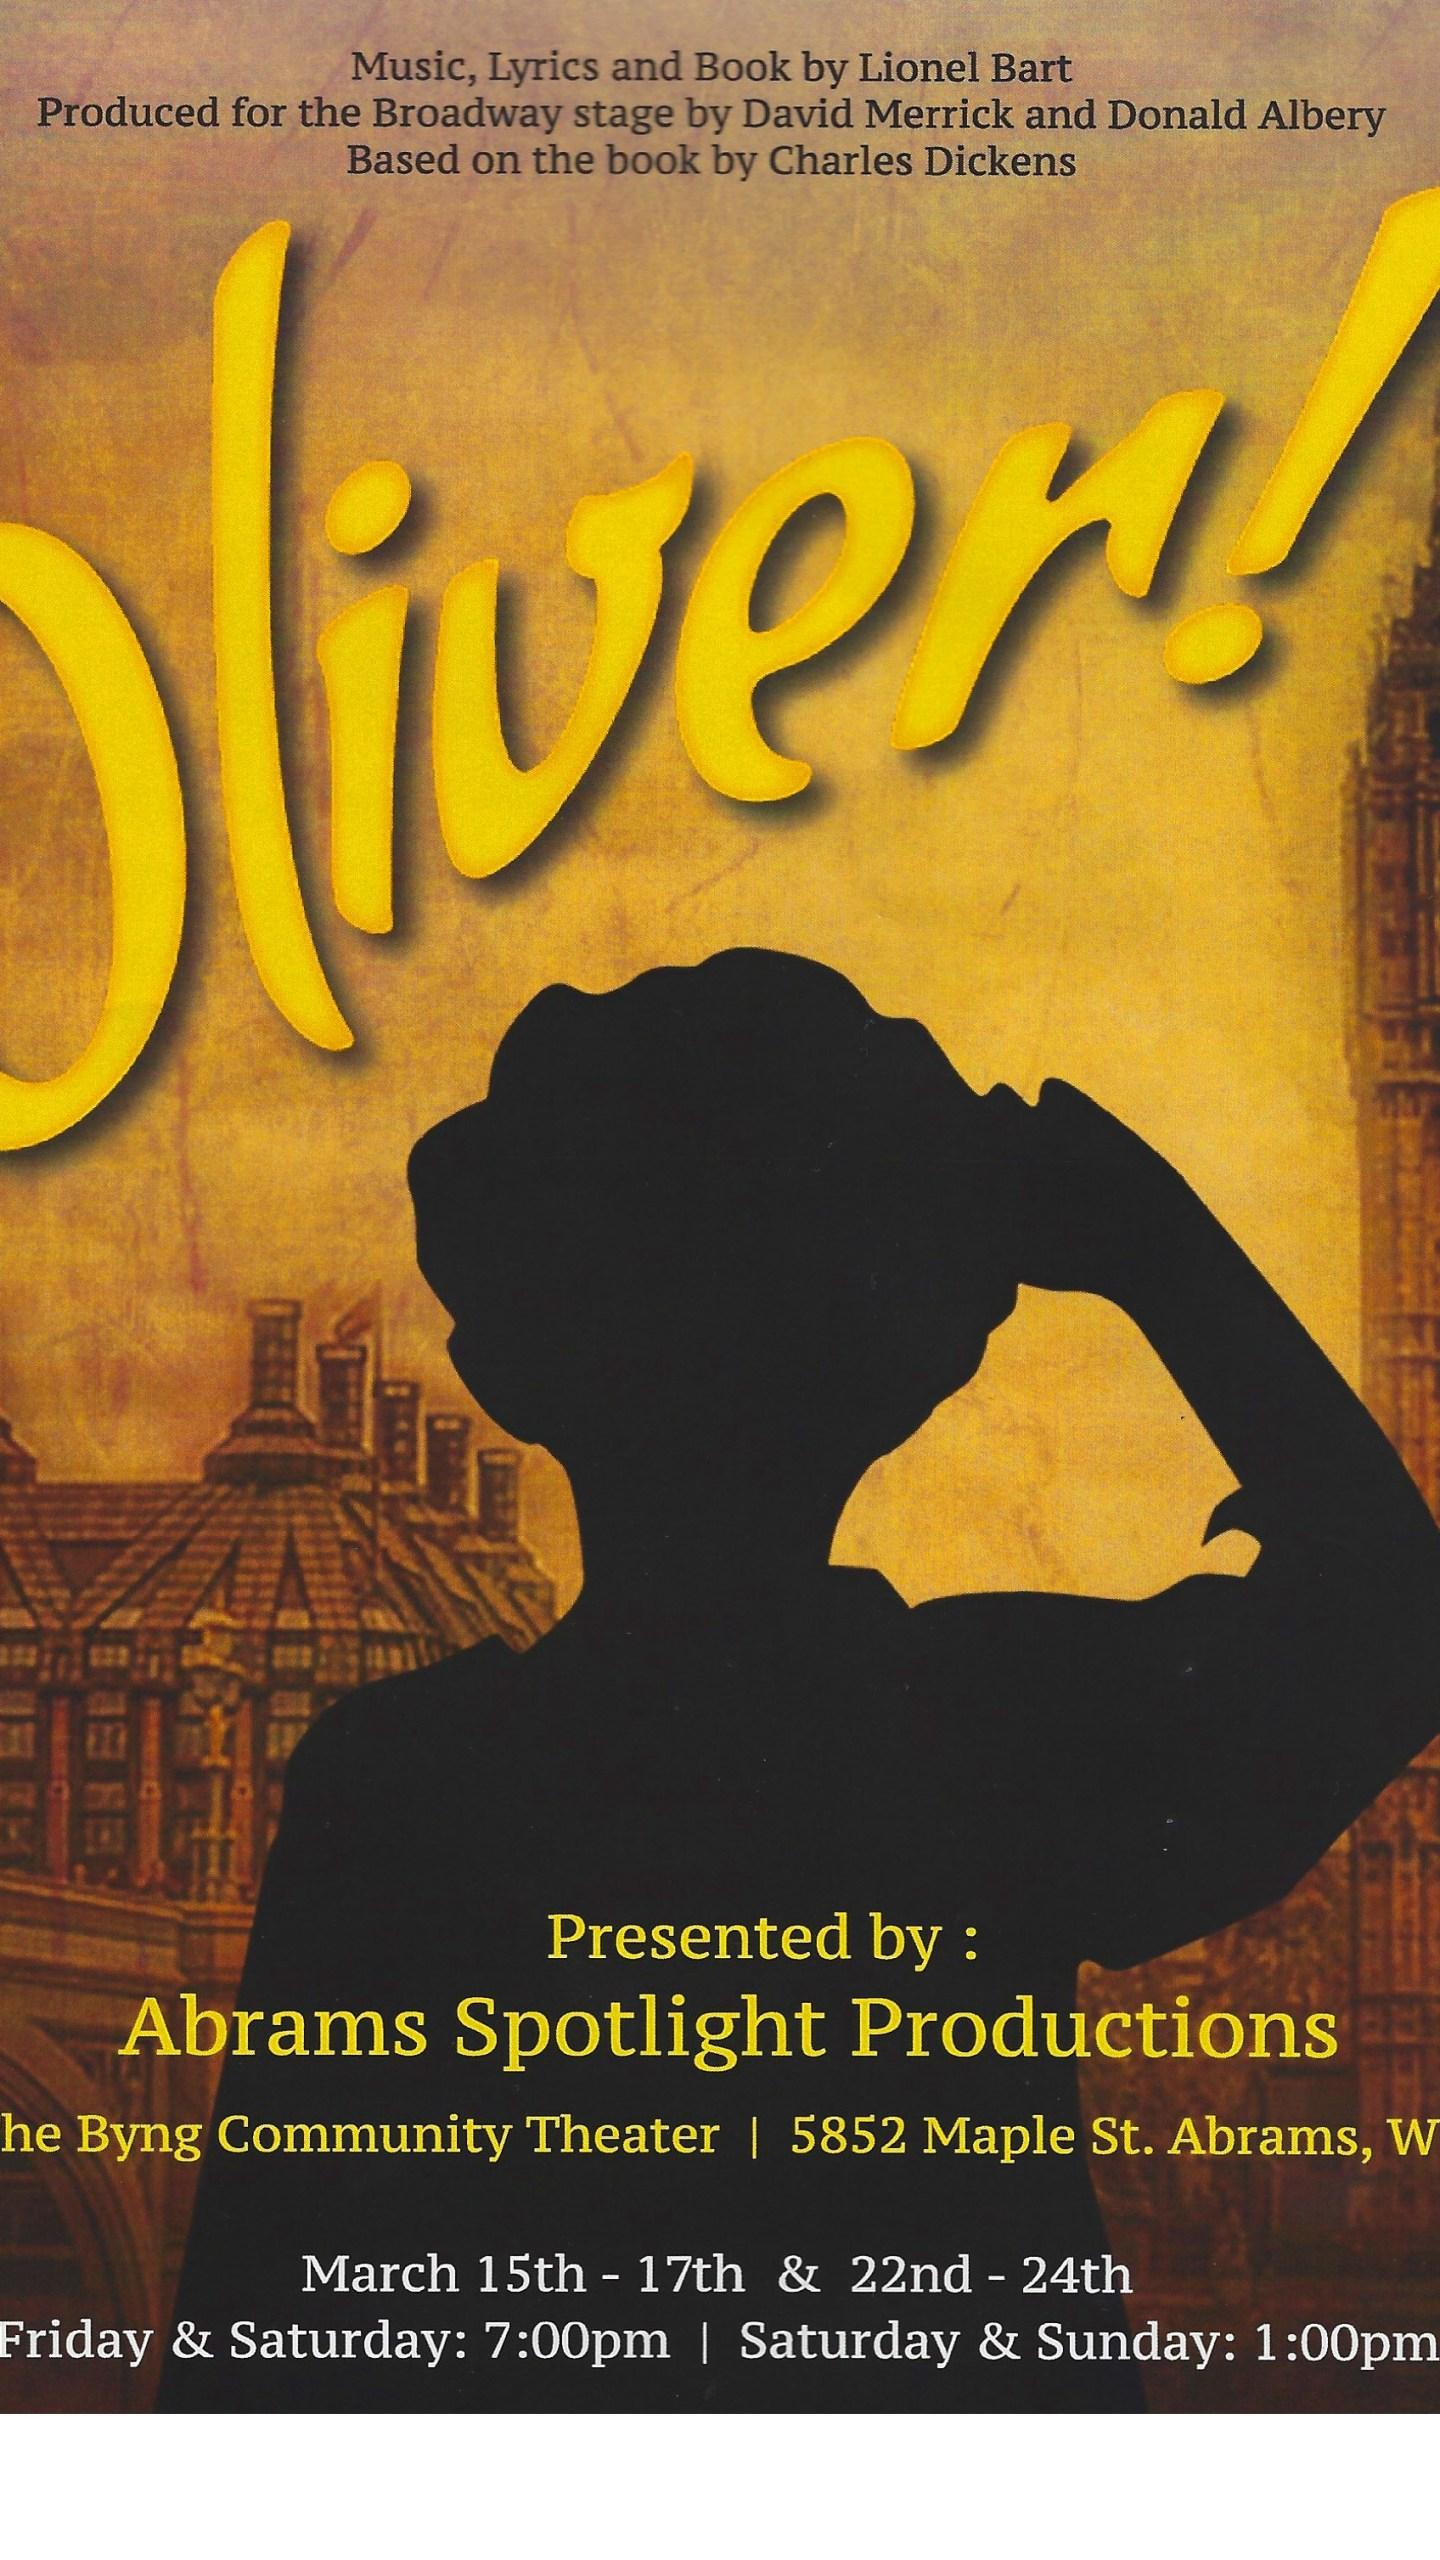 Abrams Spotlight Productions Oliver cover_1552739419919.jpg.jpg